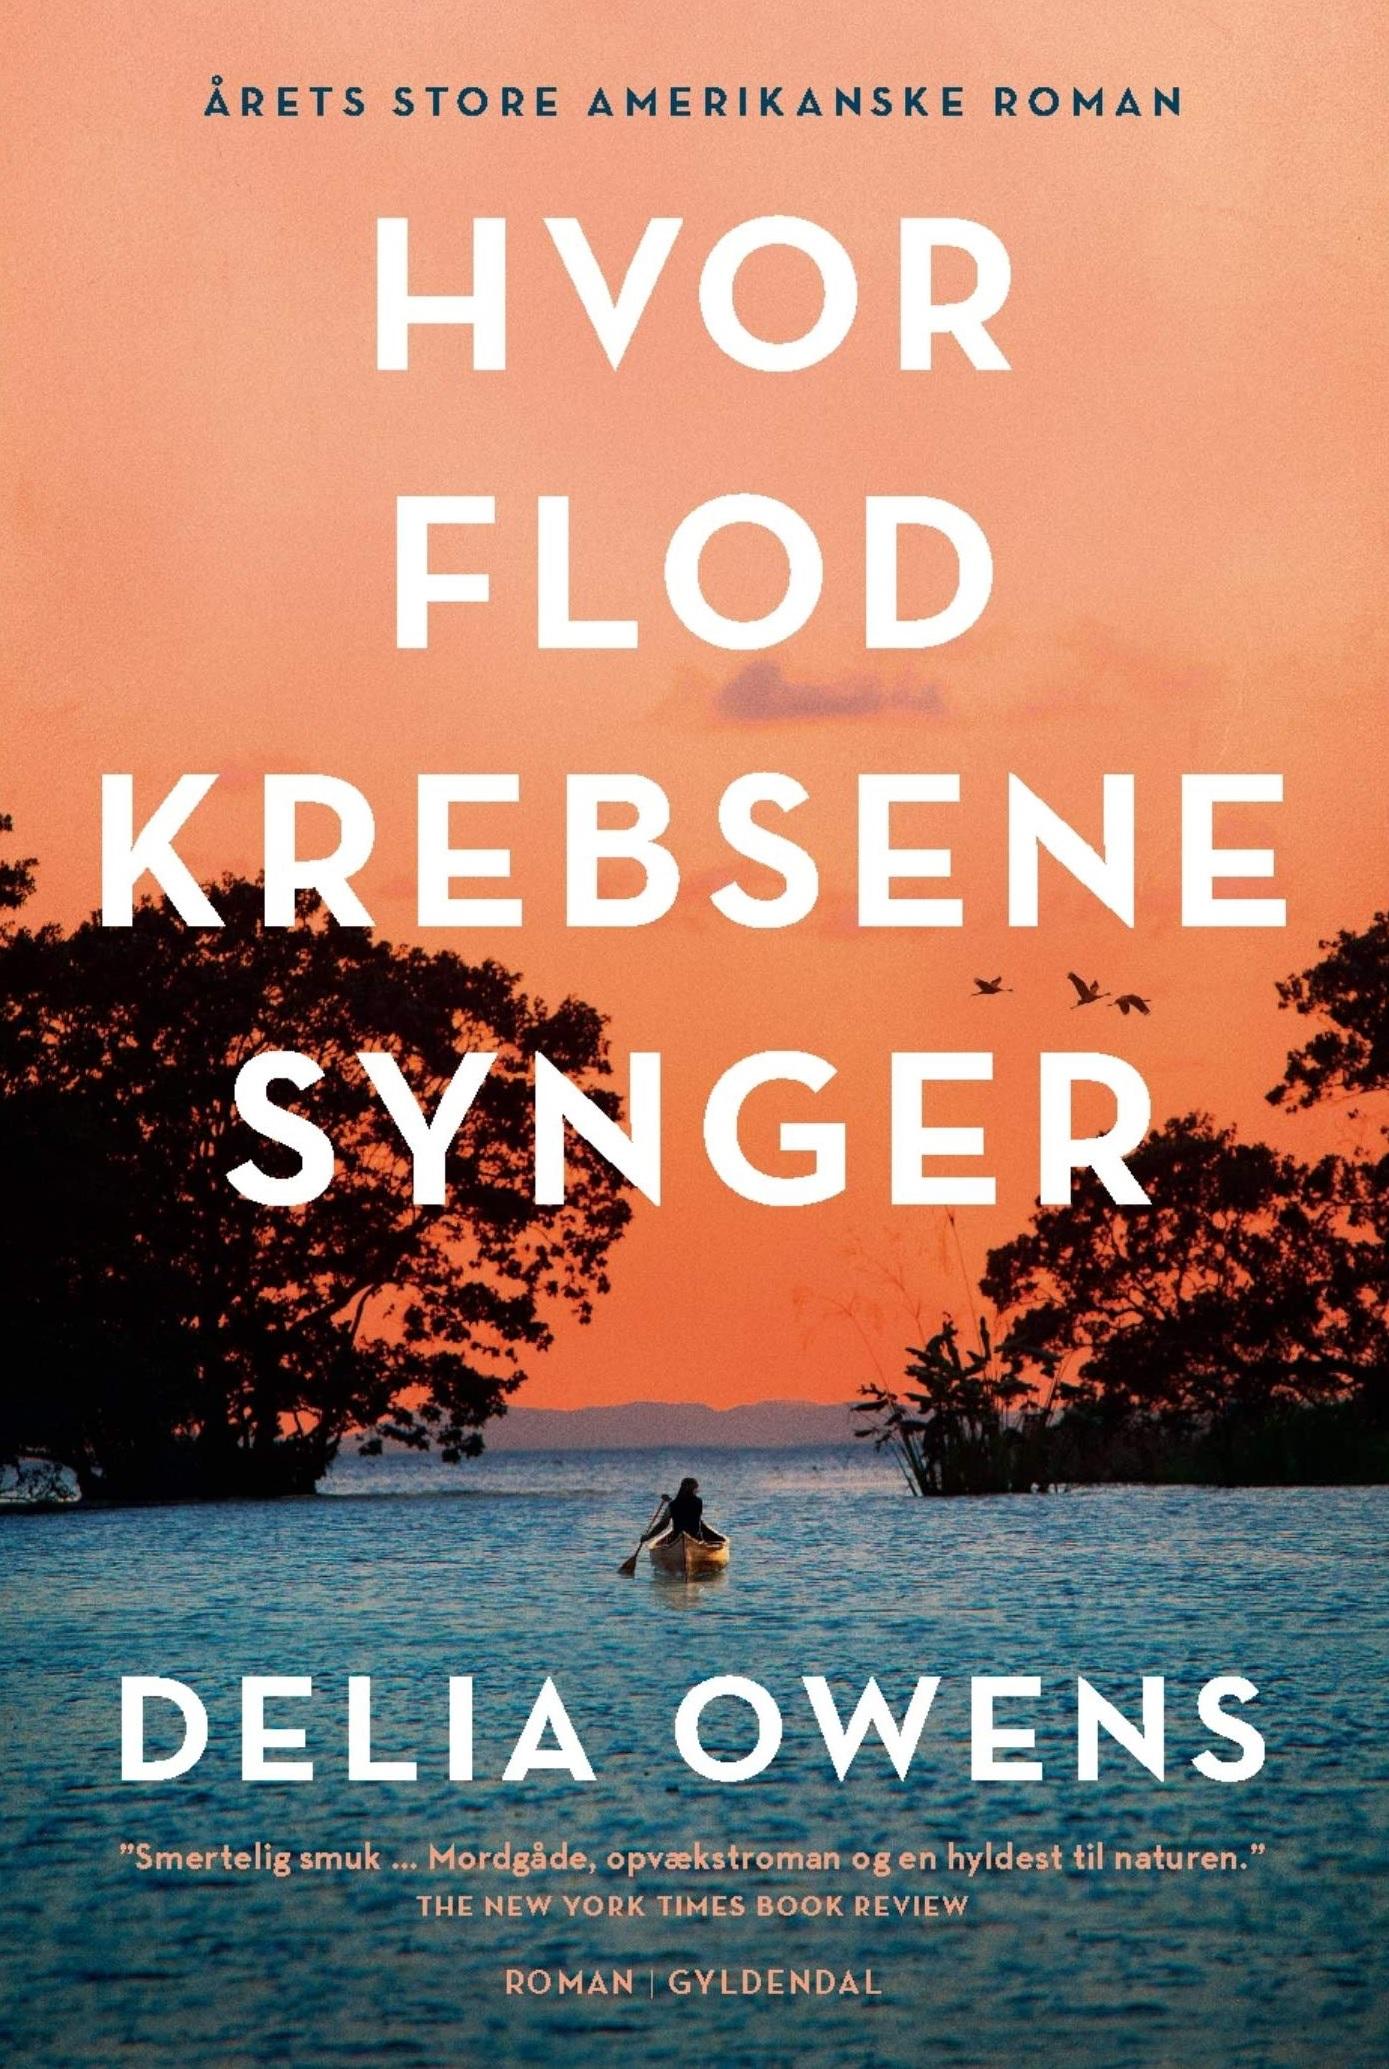 Hvor flodkrebsene synger - Delia Owens - Bøger - Gyldendal - 9788702288889 - September 27, 2019